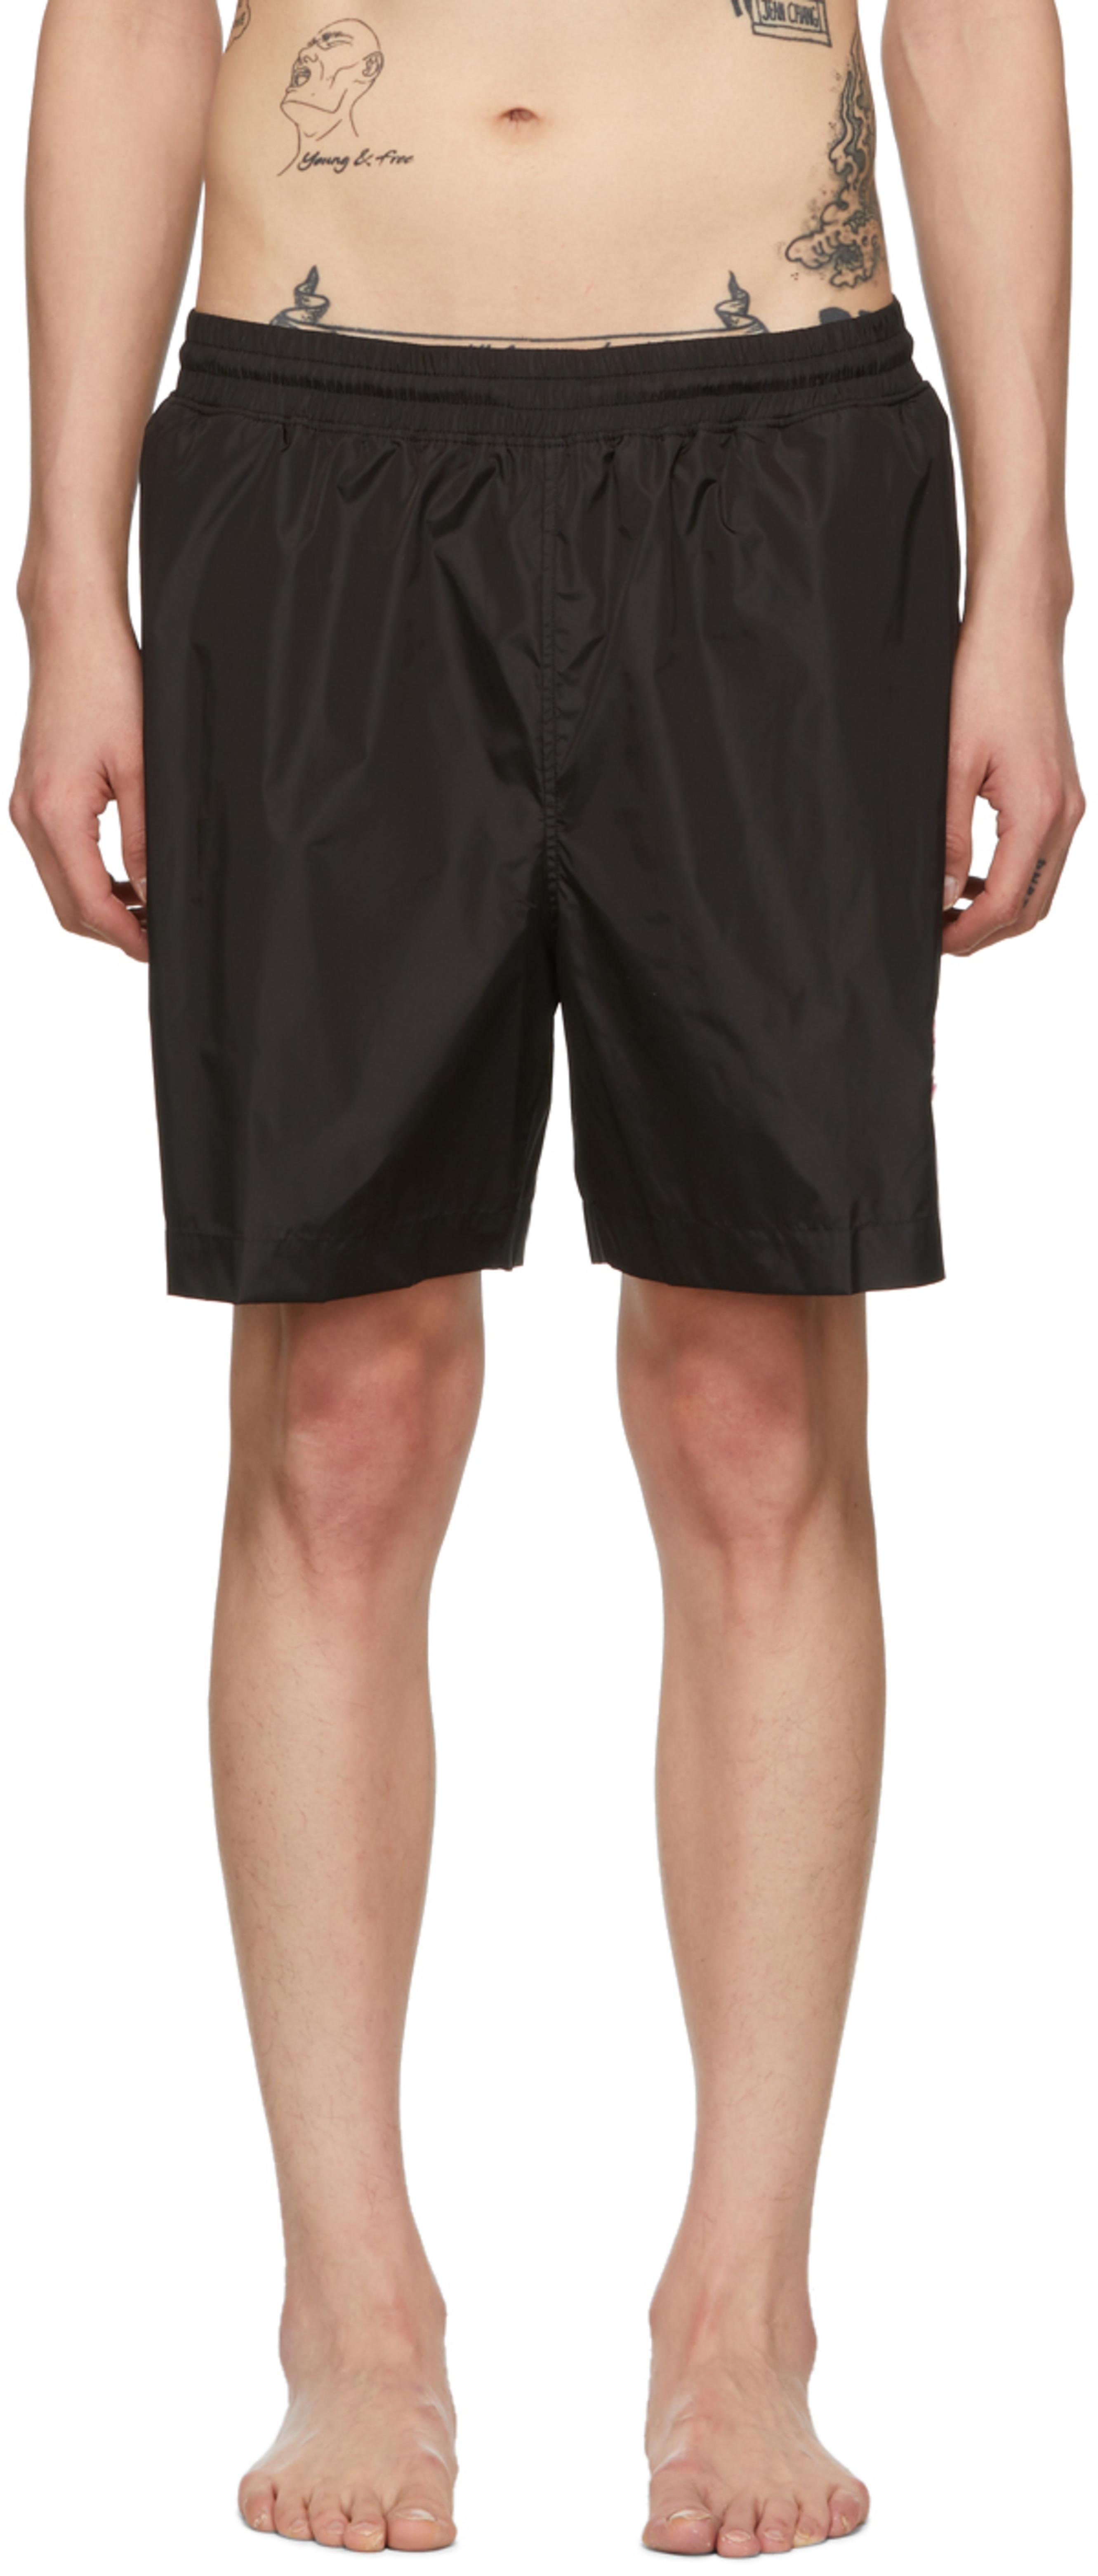 e0bd4634 Designer swimwear for Men | SSENSE